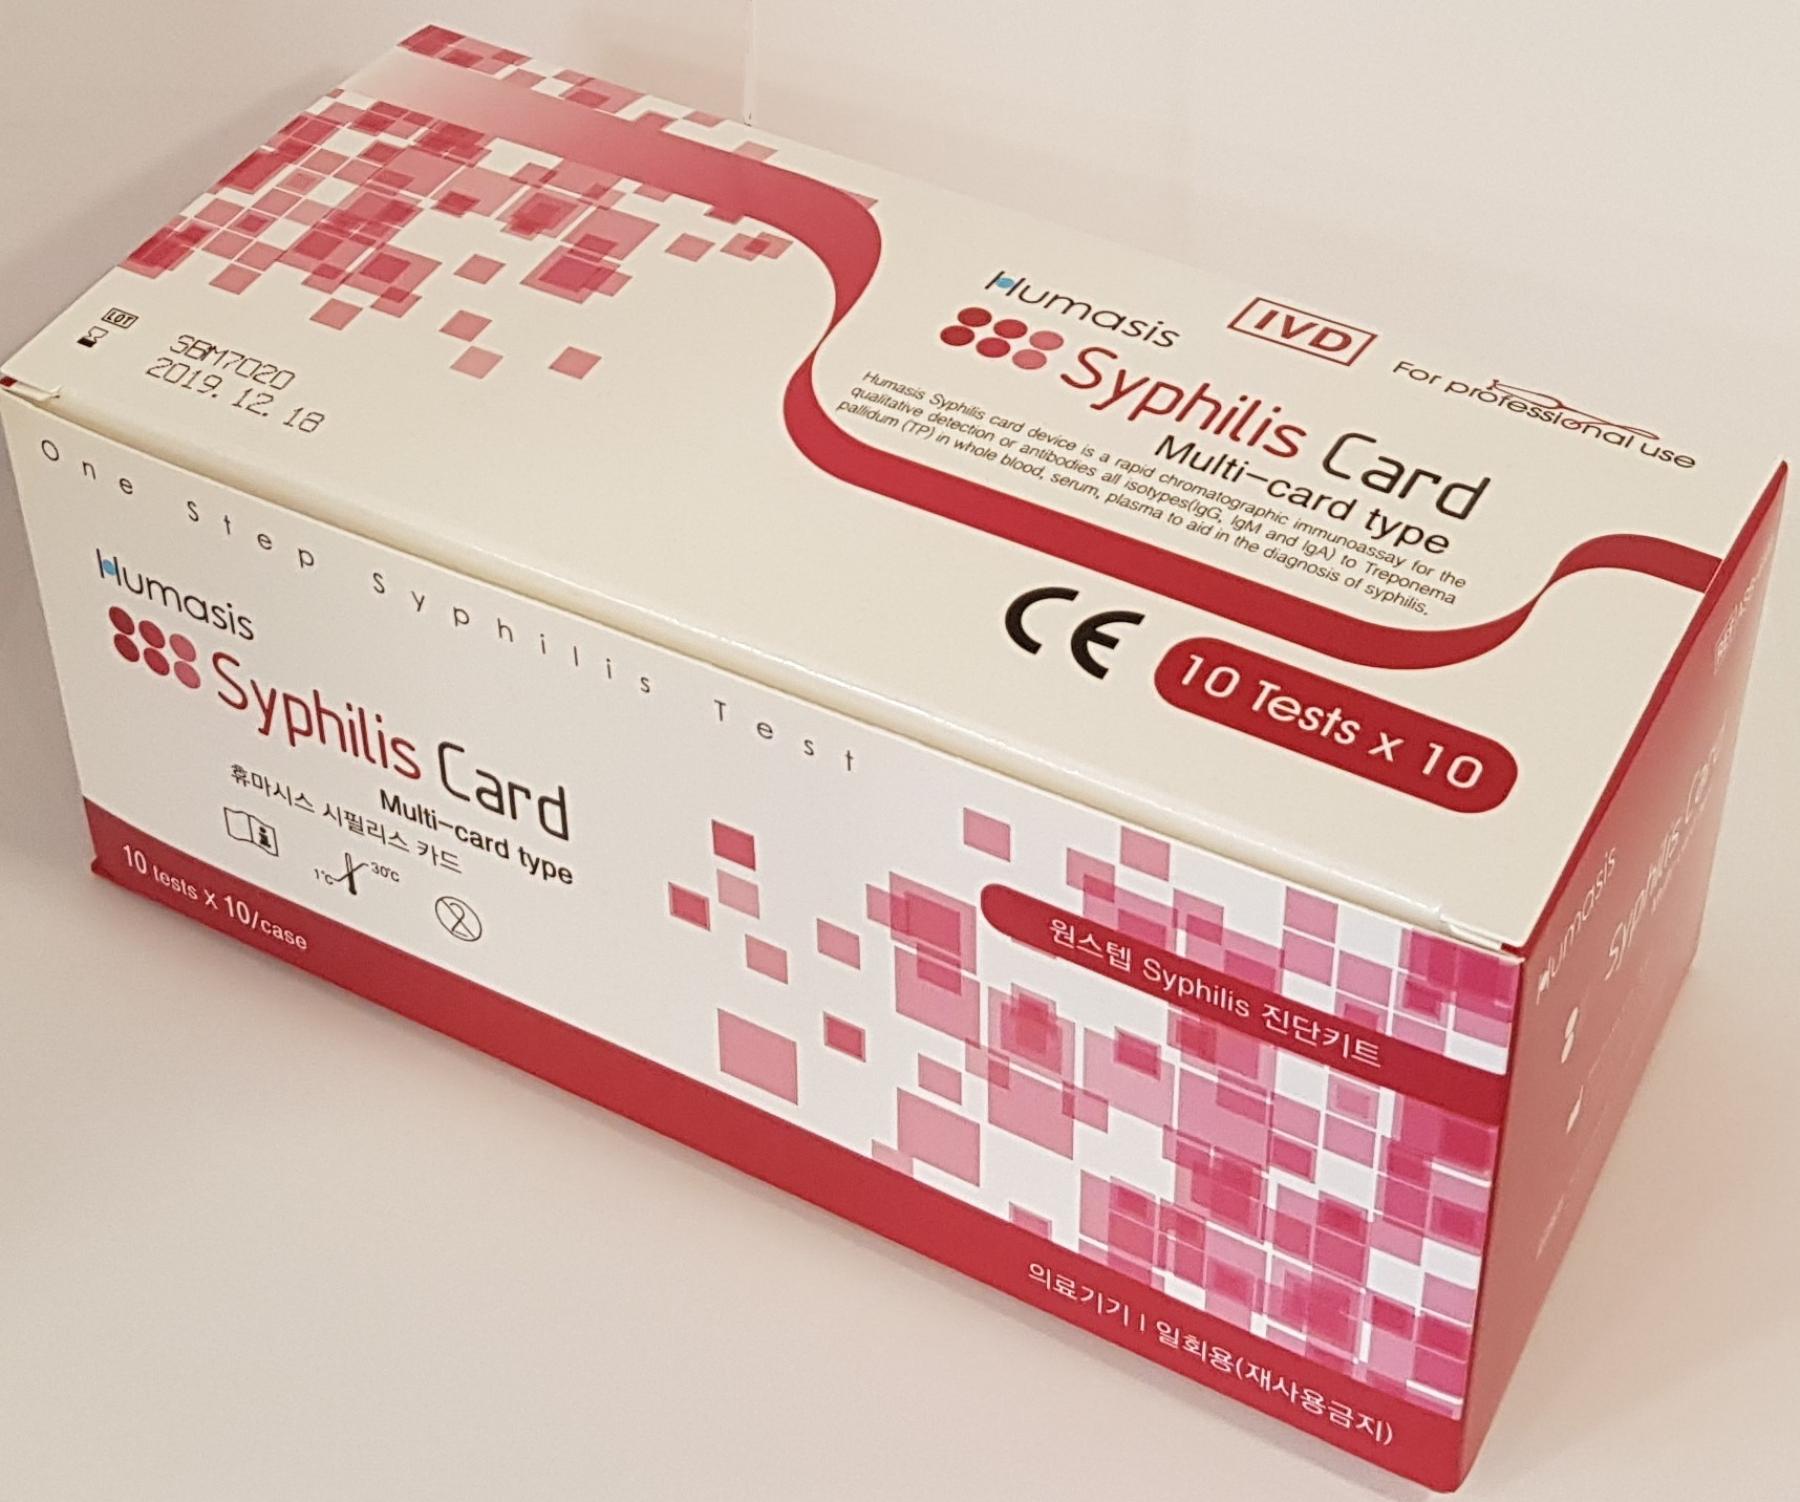 Humasis-Syphilis Card